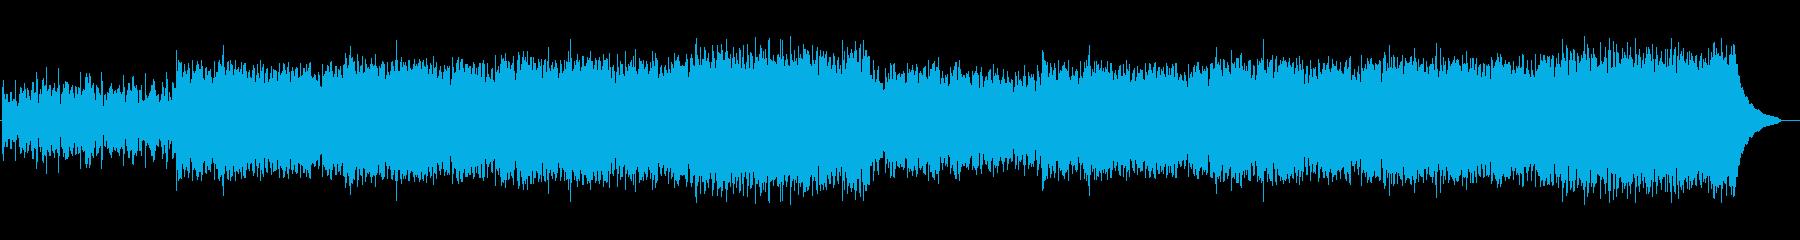 企業VP映像、128オーケストラ、感動aの再生済みの波形